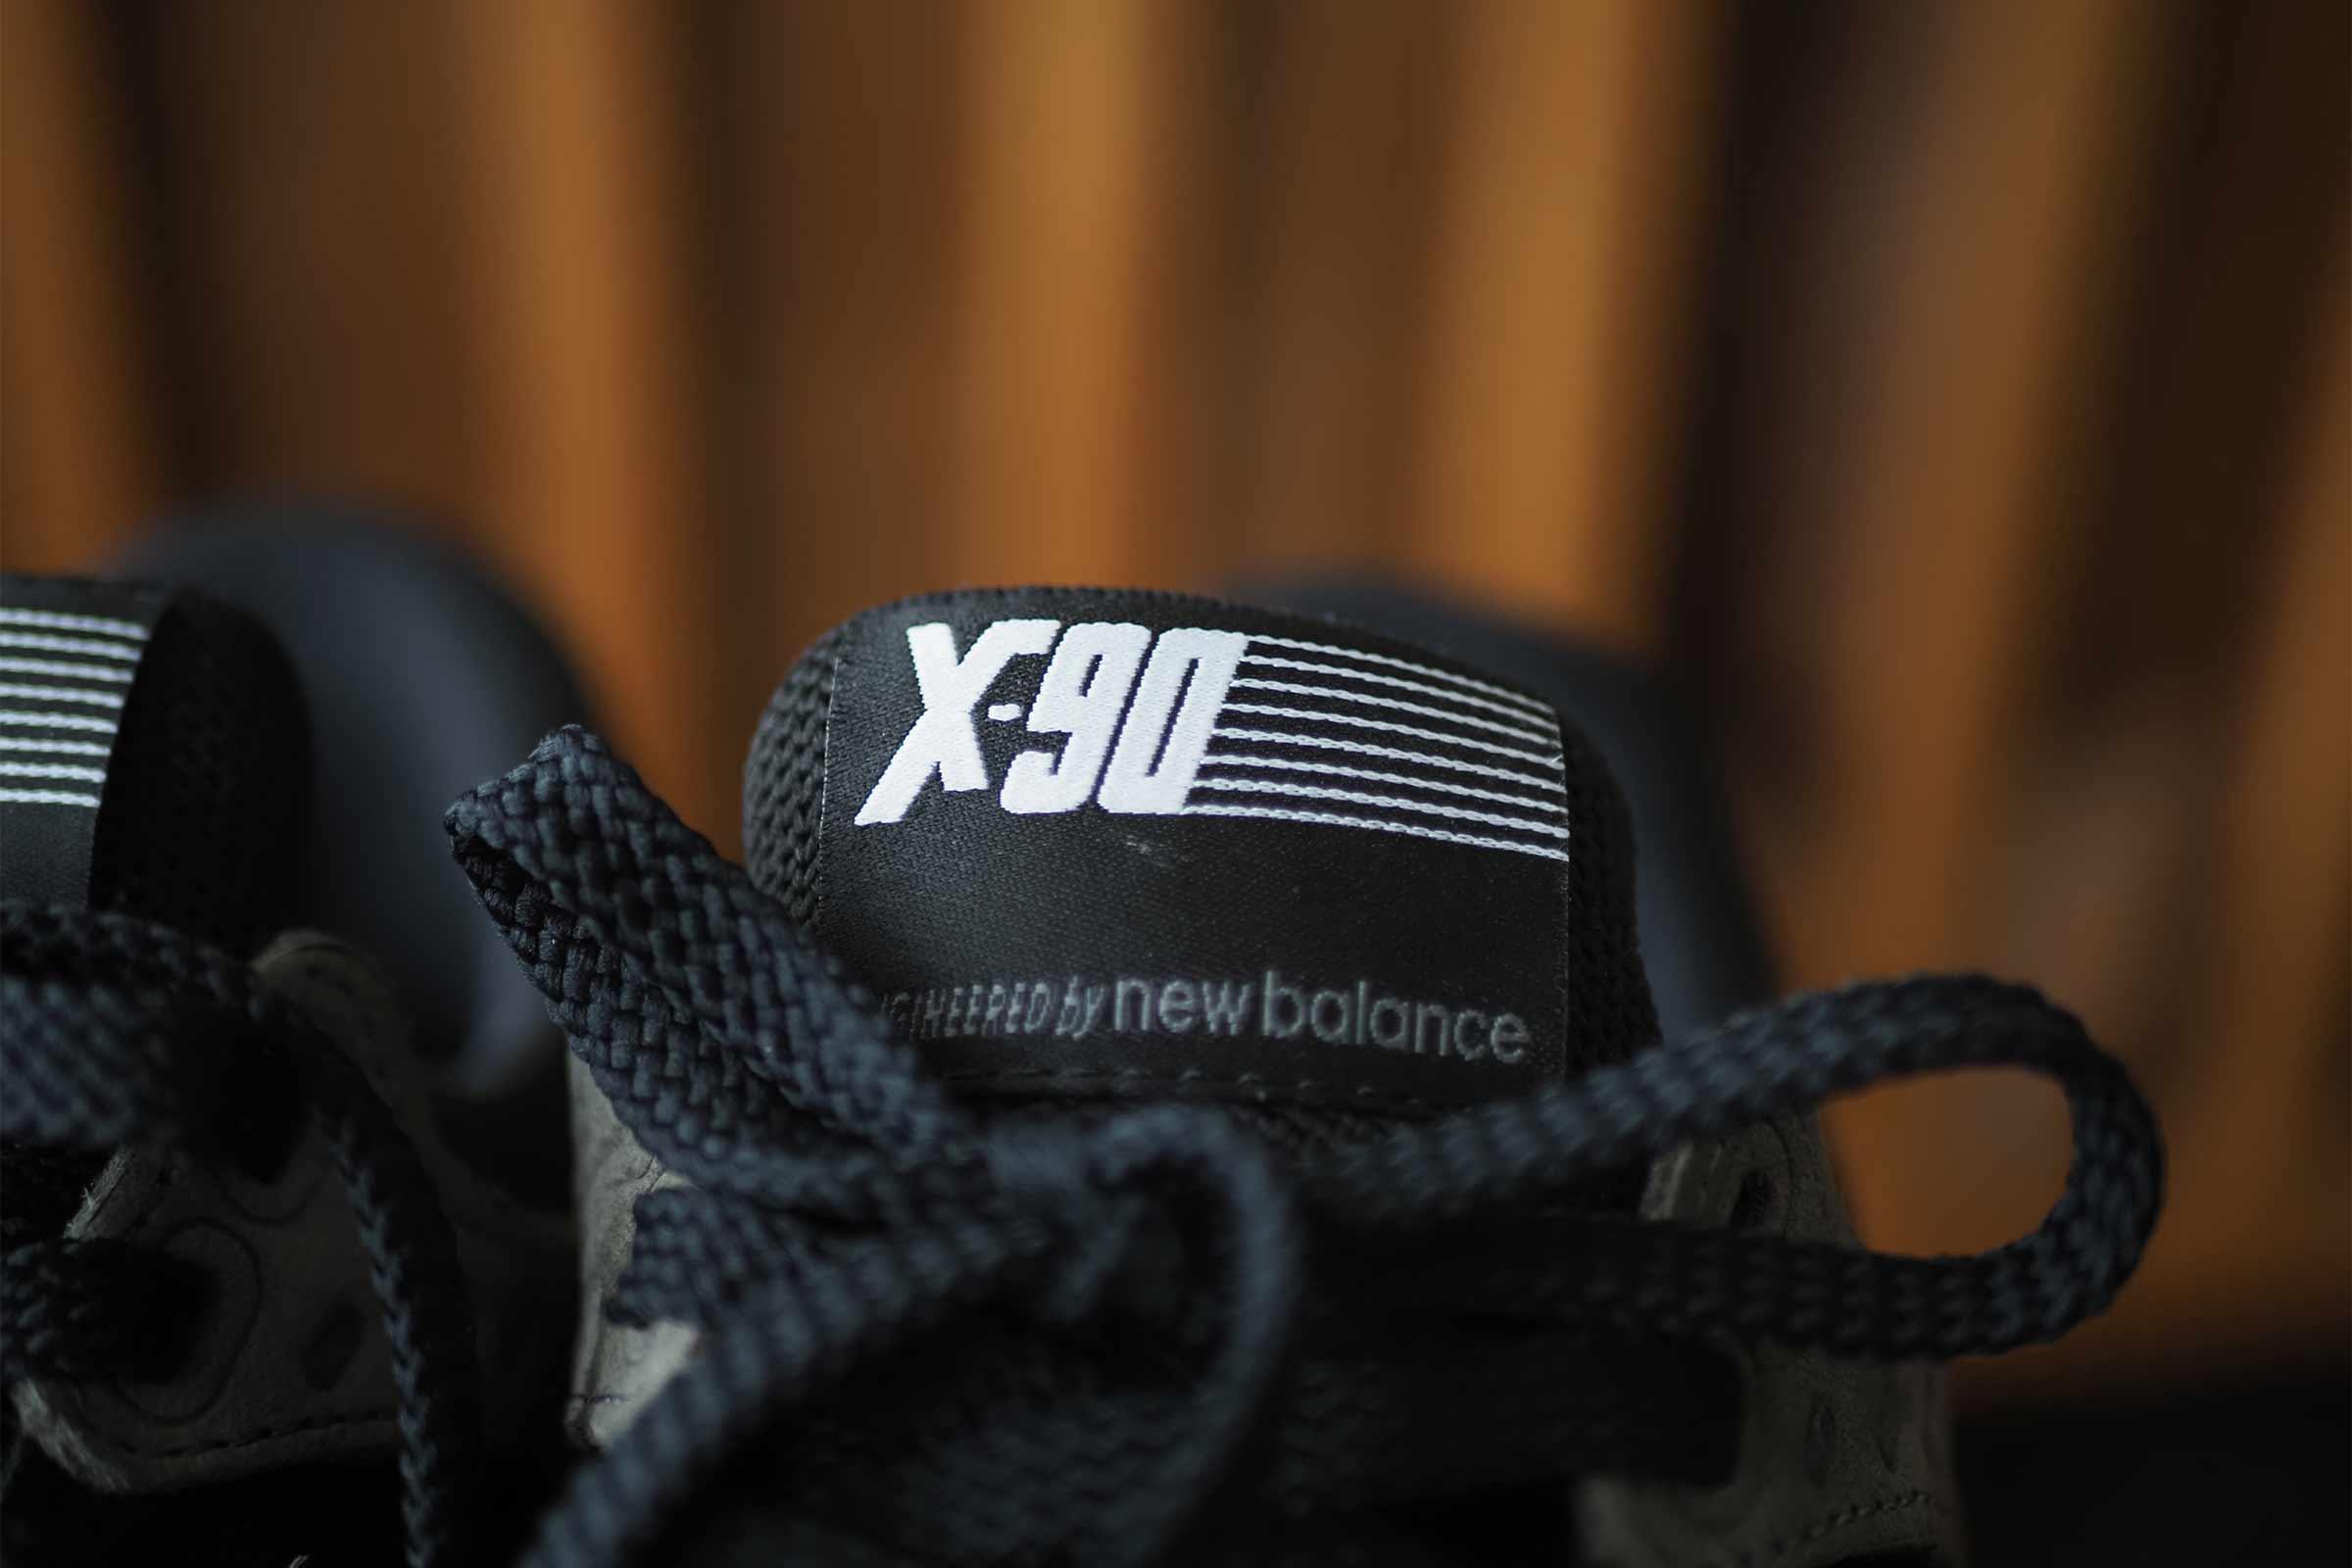 スニーカー,ニューバランス,newbalance,歩きやすい,メンズ,安い,X-90